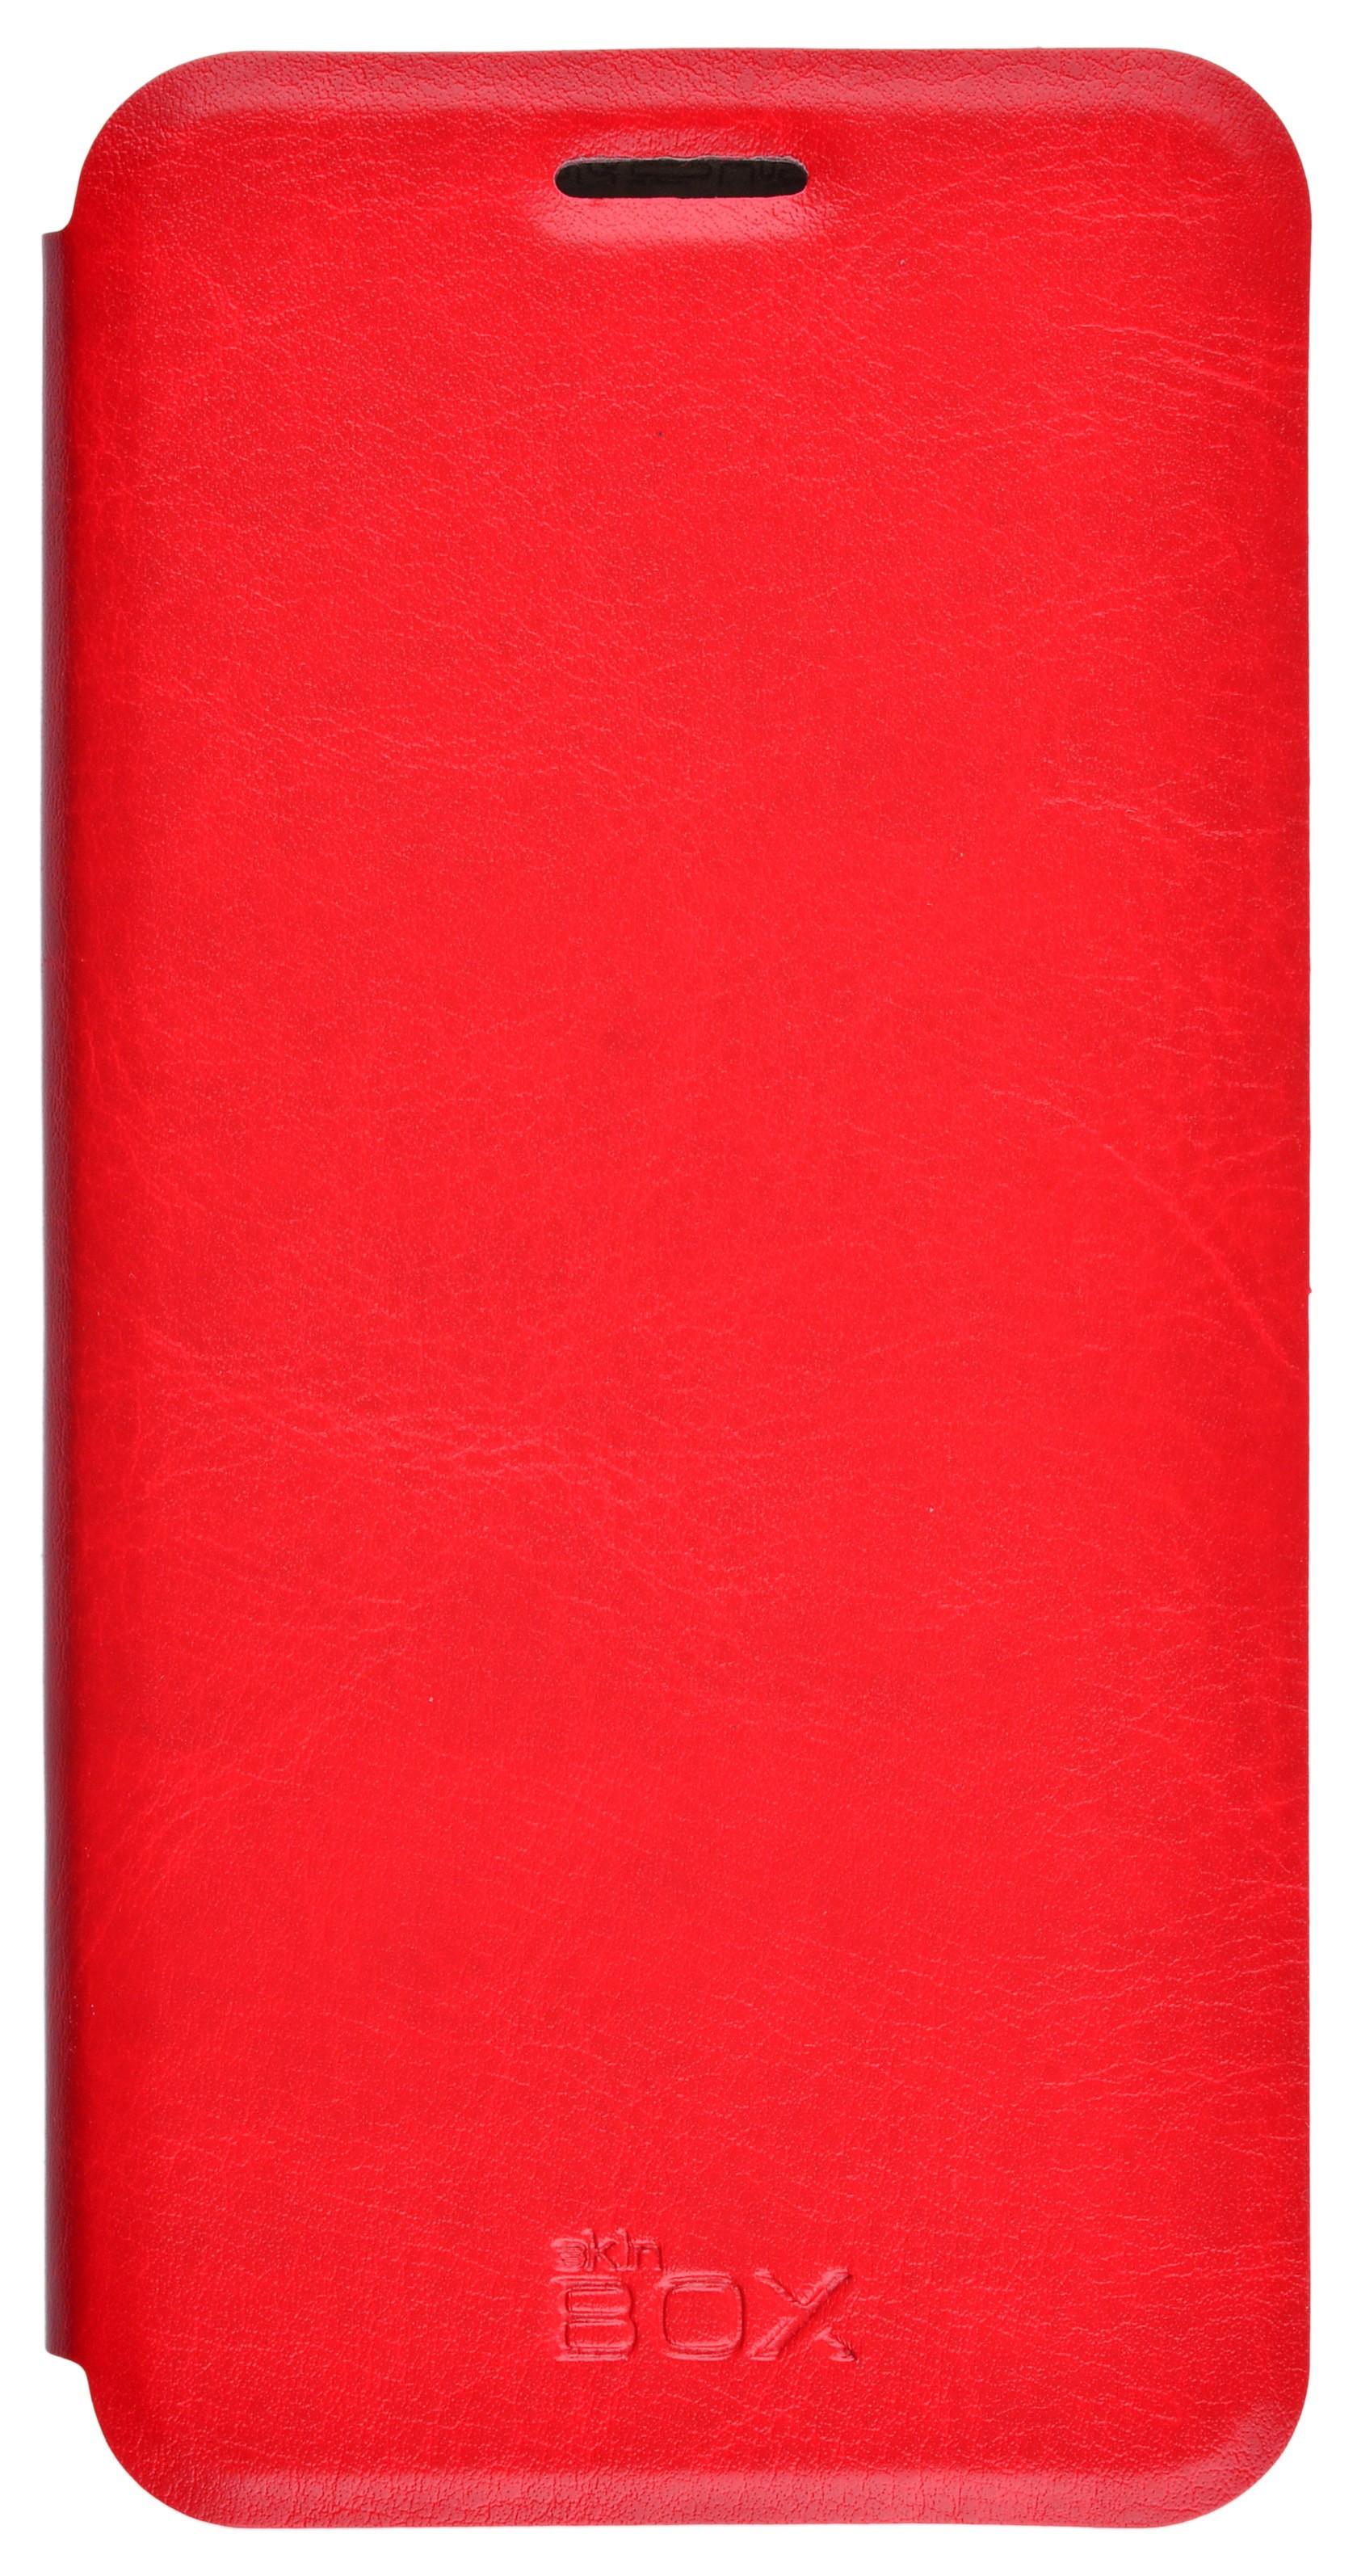 Чехол для сотового телефона skinBOX Lux, 4630042528840, красный цена и фото